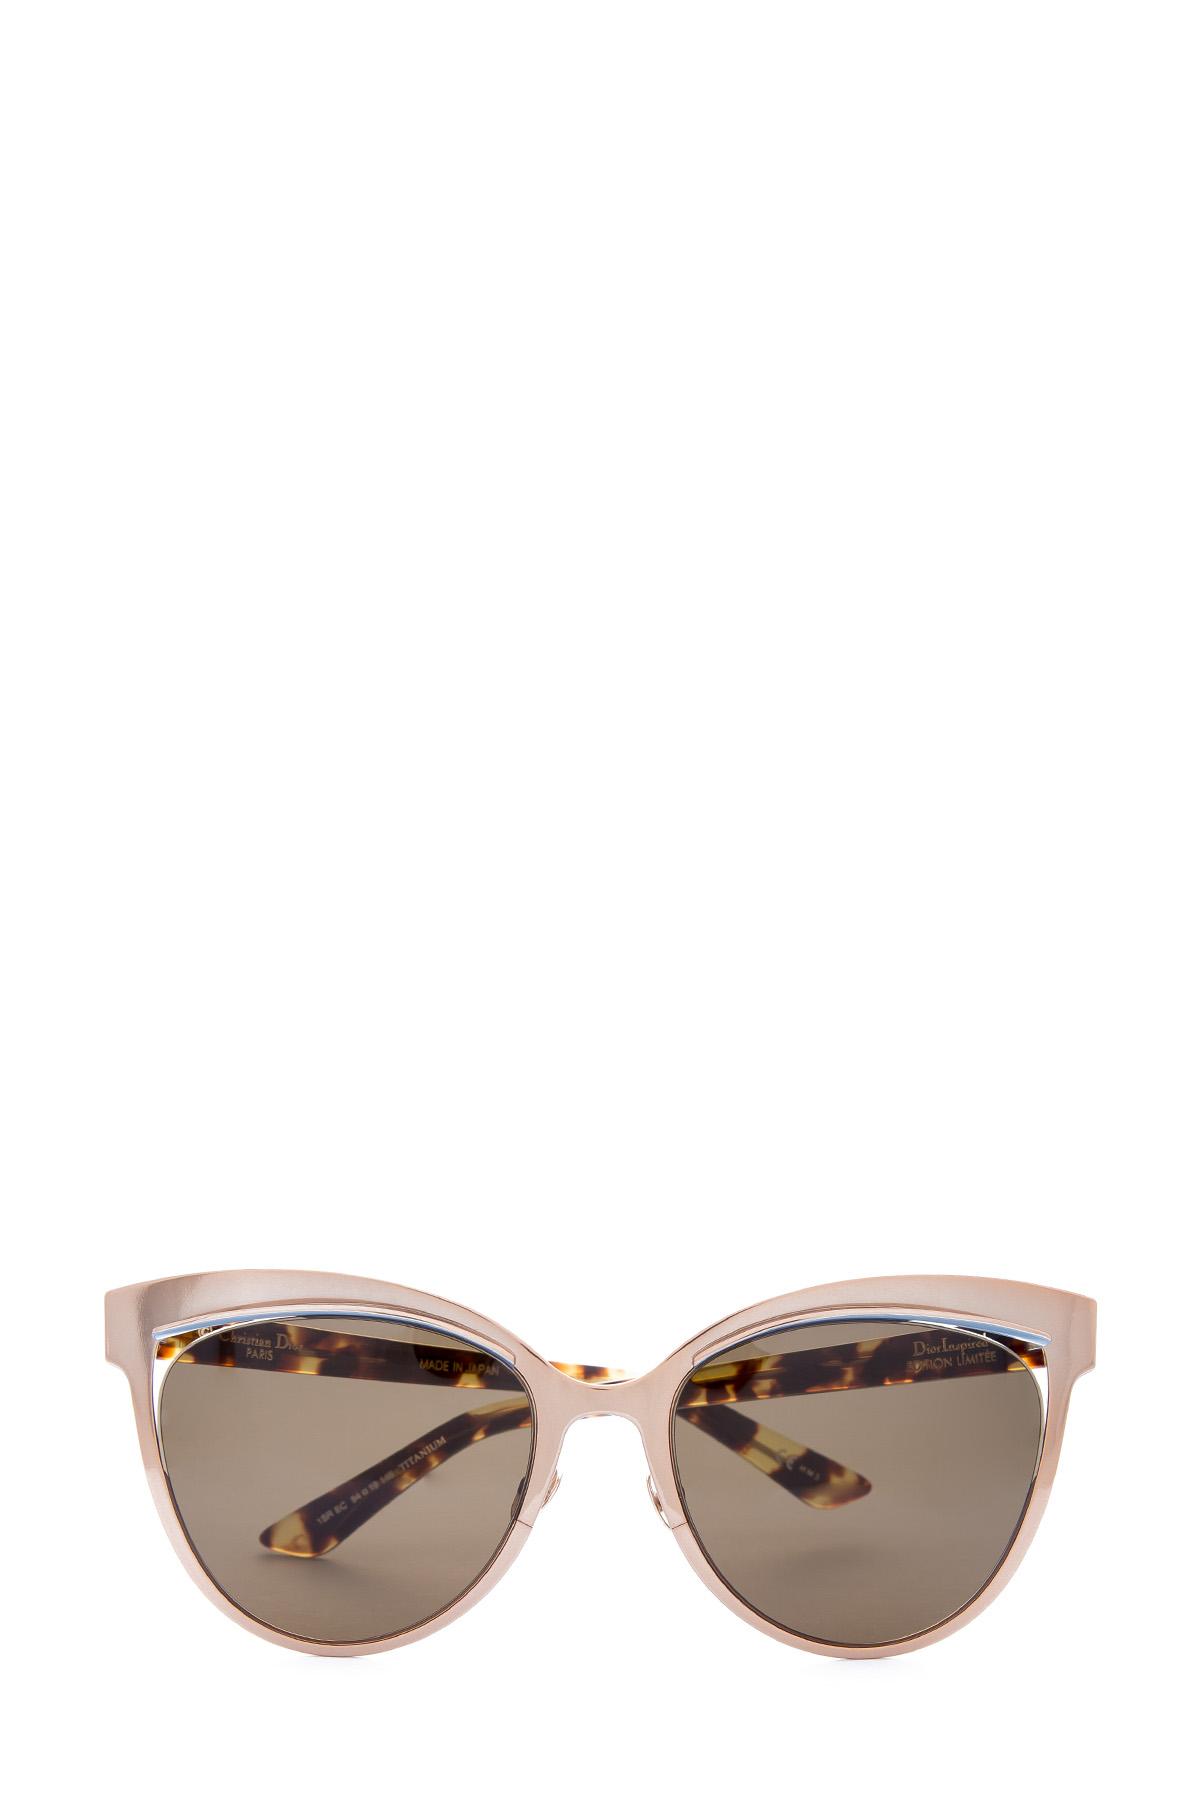 Купить Очки, DIOR (sunglasses) women, Франция, пластик 100%, стекло 100%